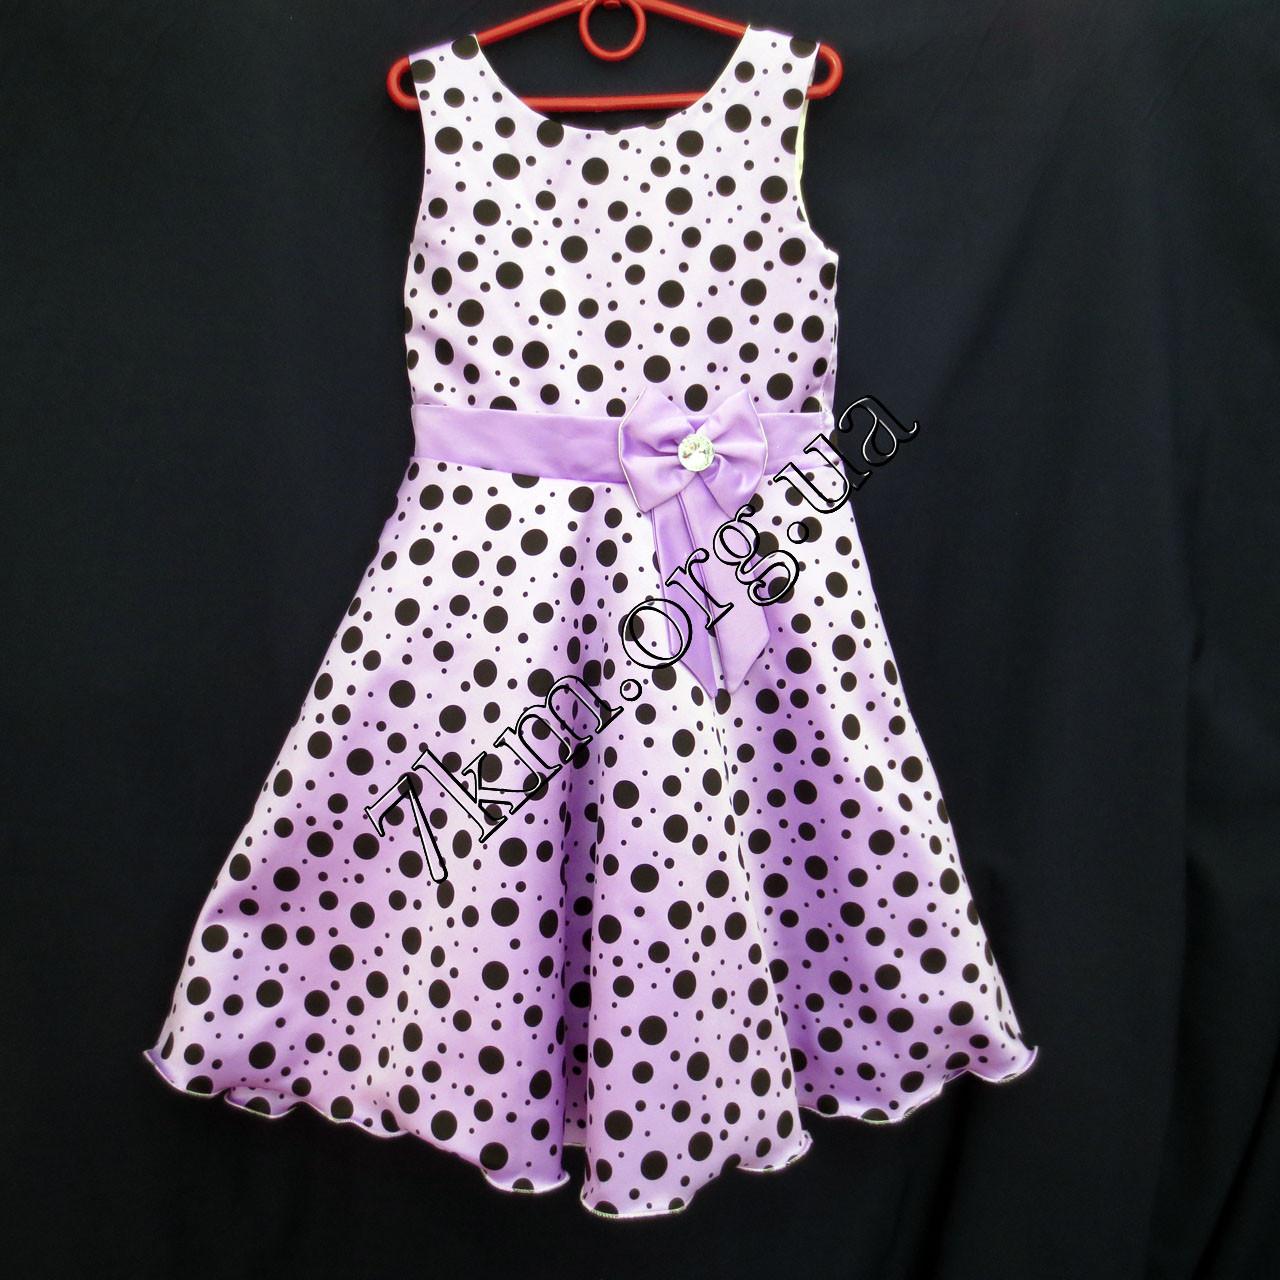 Платье нарядное бальное детское 6 лет Бантикс горохом фиолет Украина оптом.